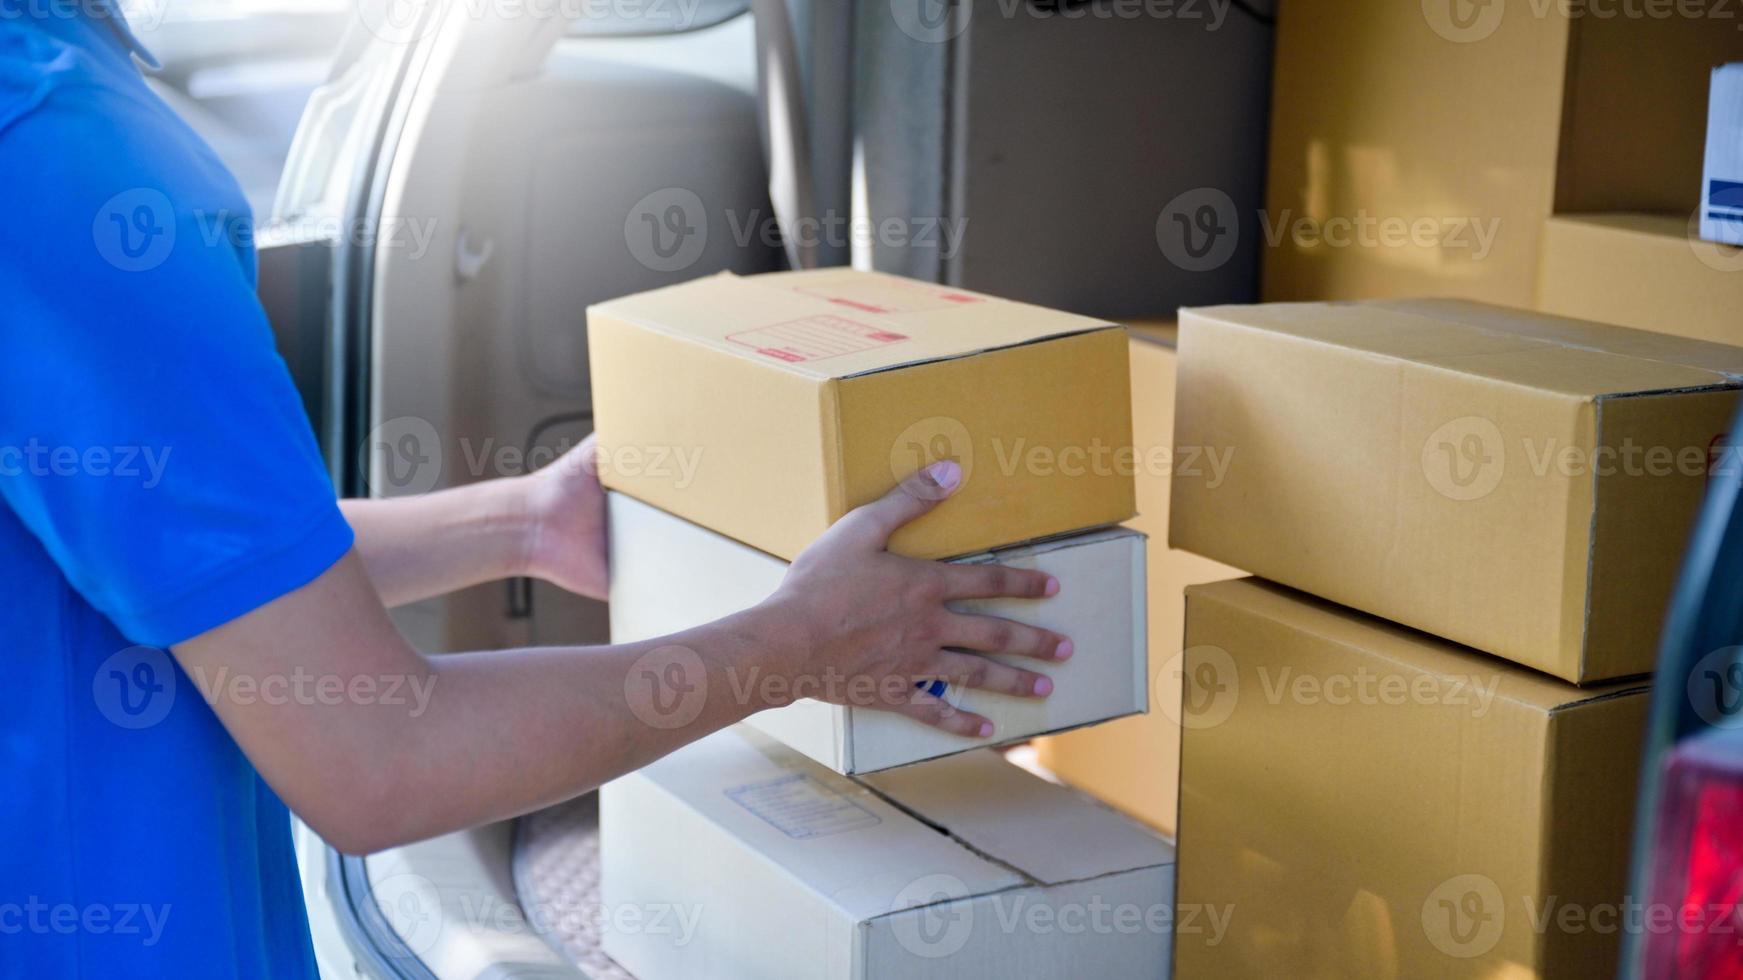 O mensageiro estava tirando a caixa de papel do porta-malas para entrega. foto